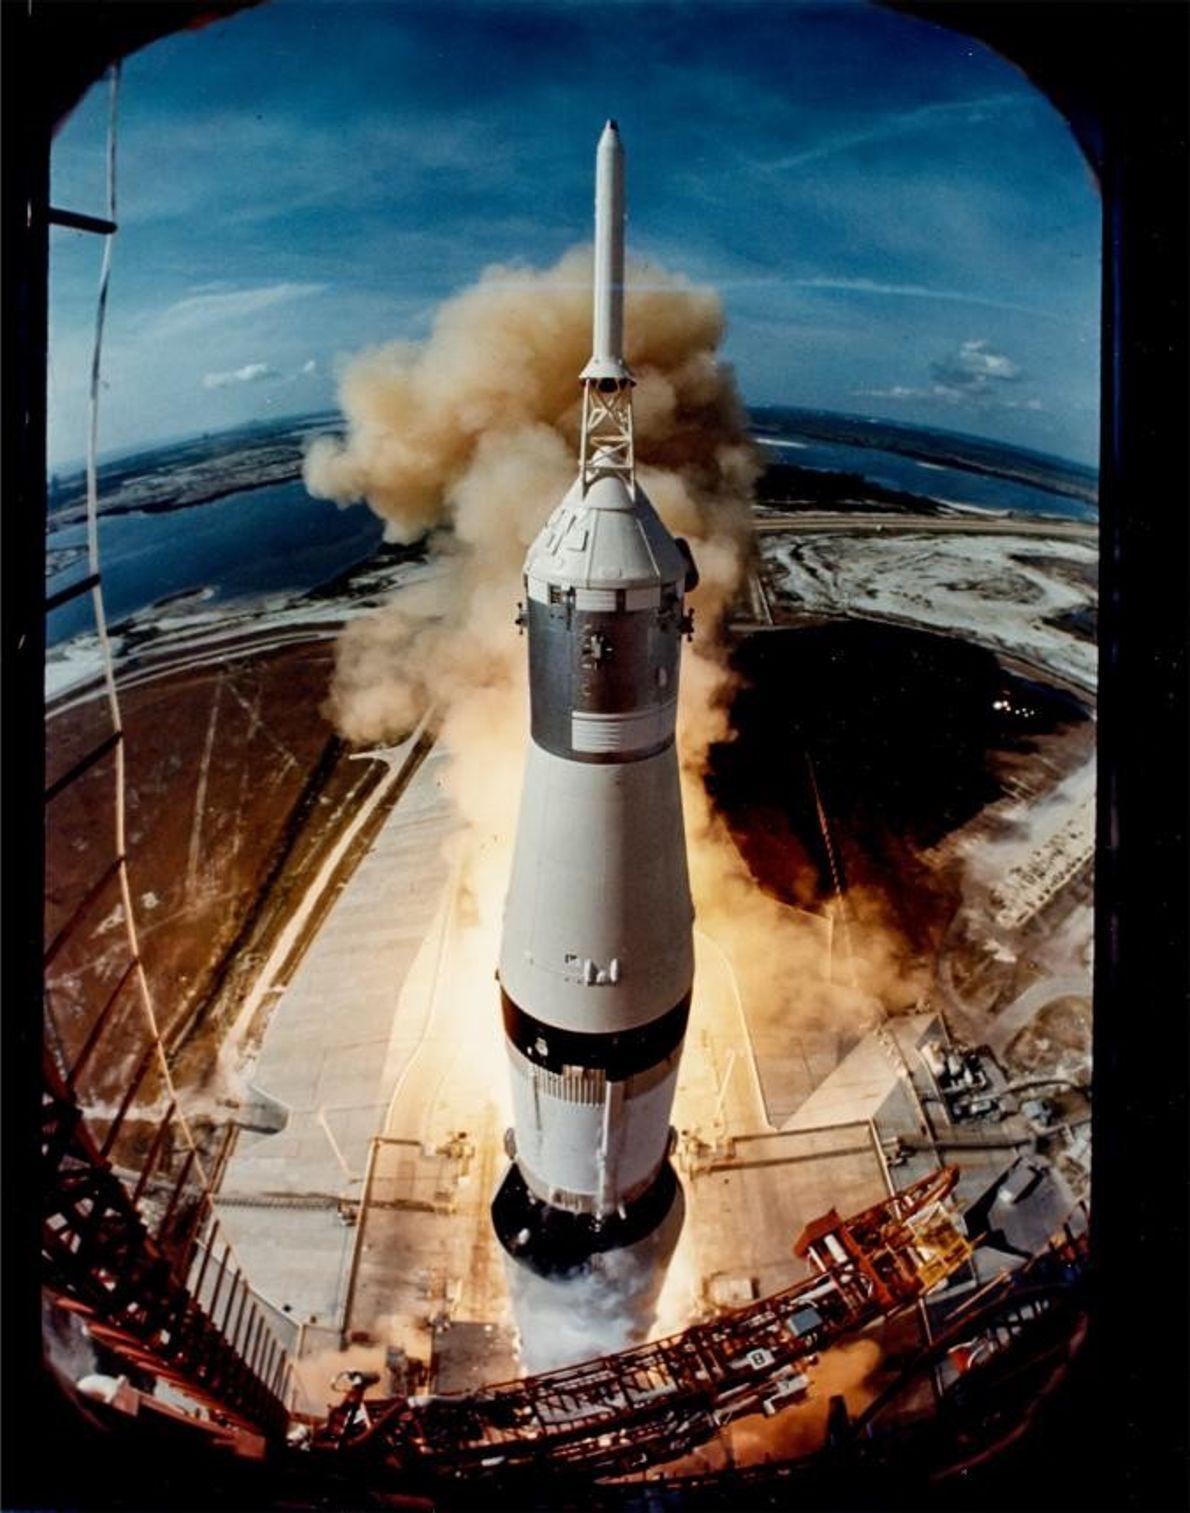 Ralph Morse, photographe du magazine Life, a installé un appareil photo sur la plate-forme de lancement ...